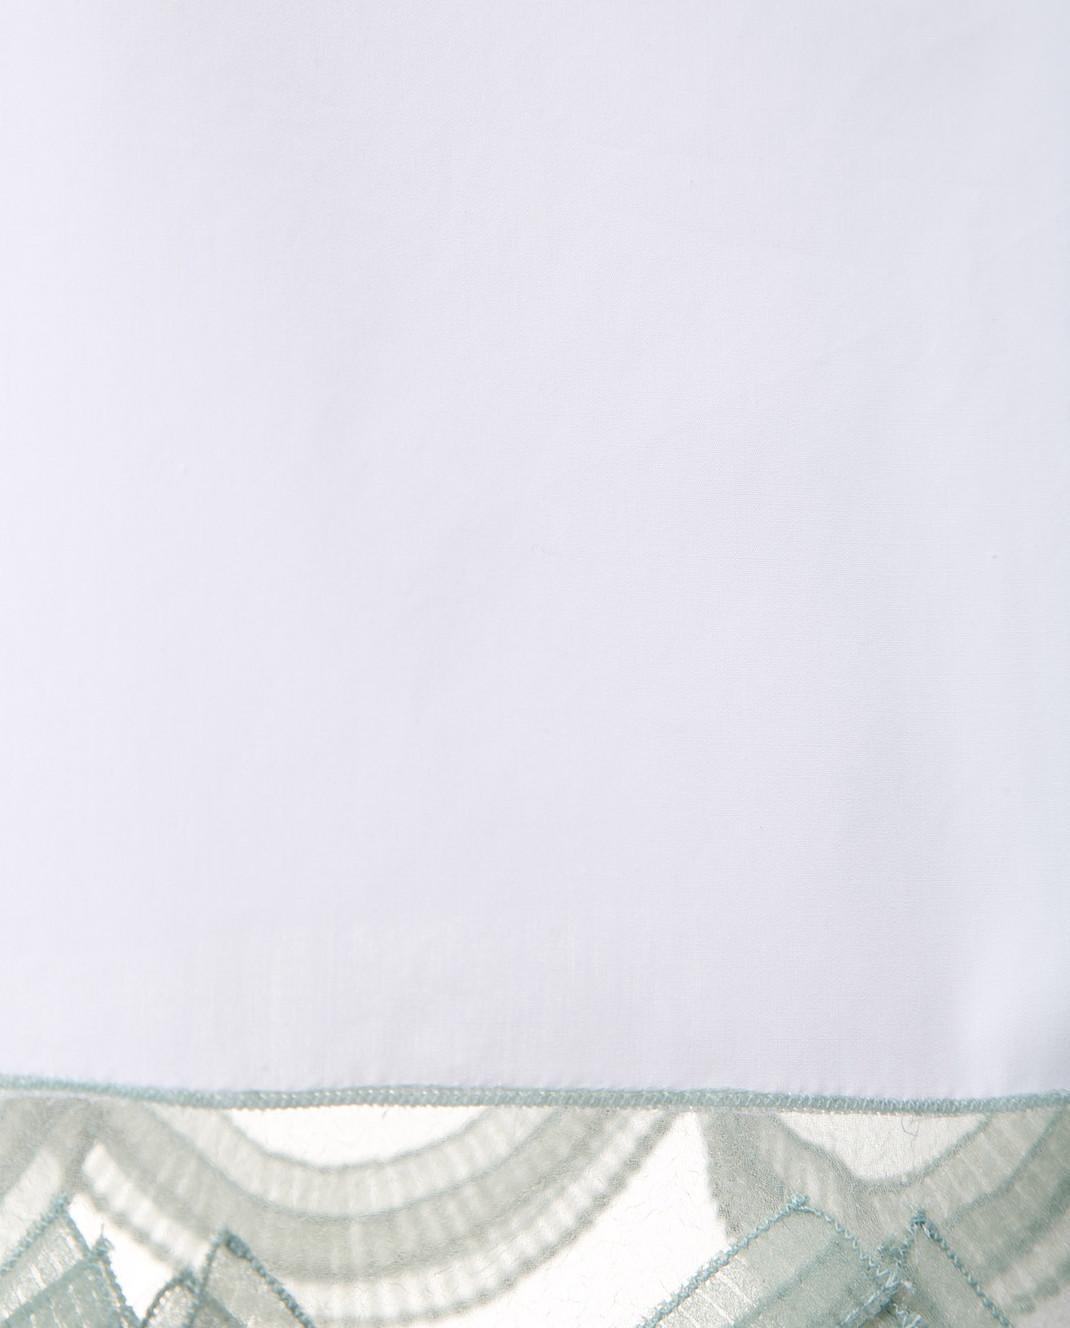 Prada Белый топ P428C изображение 5